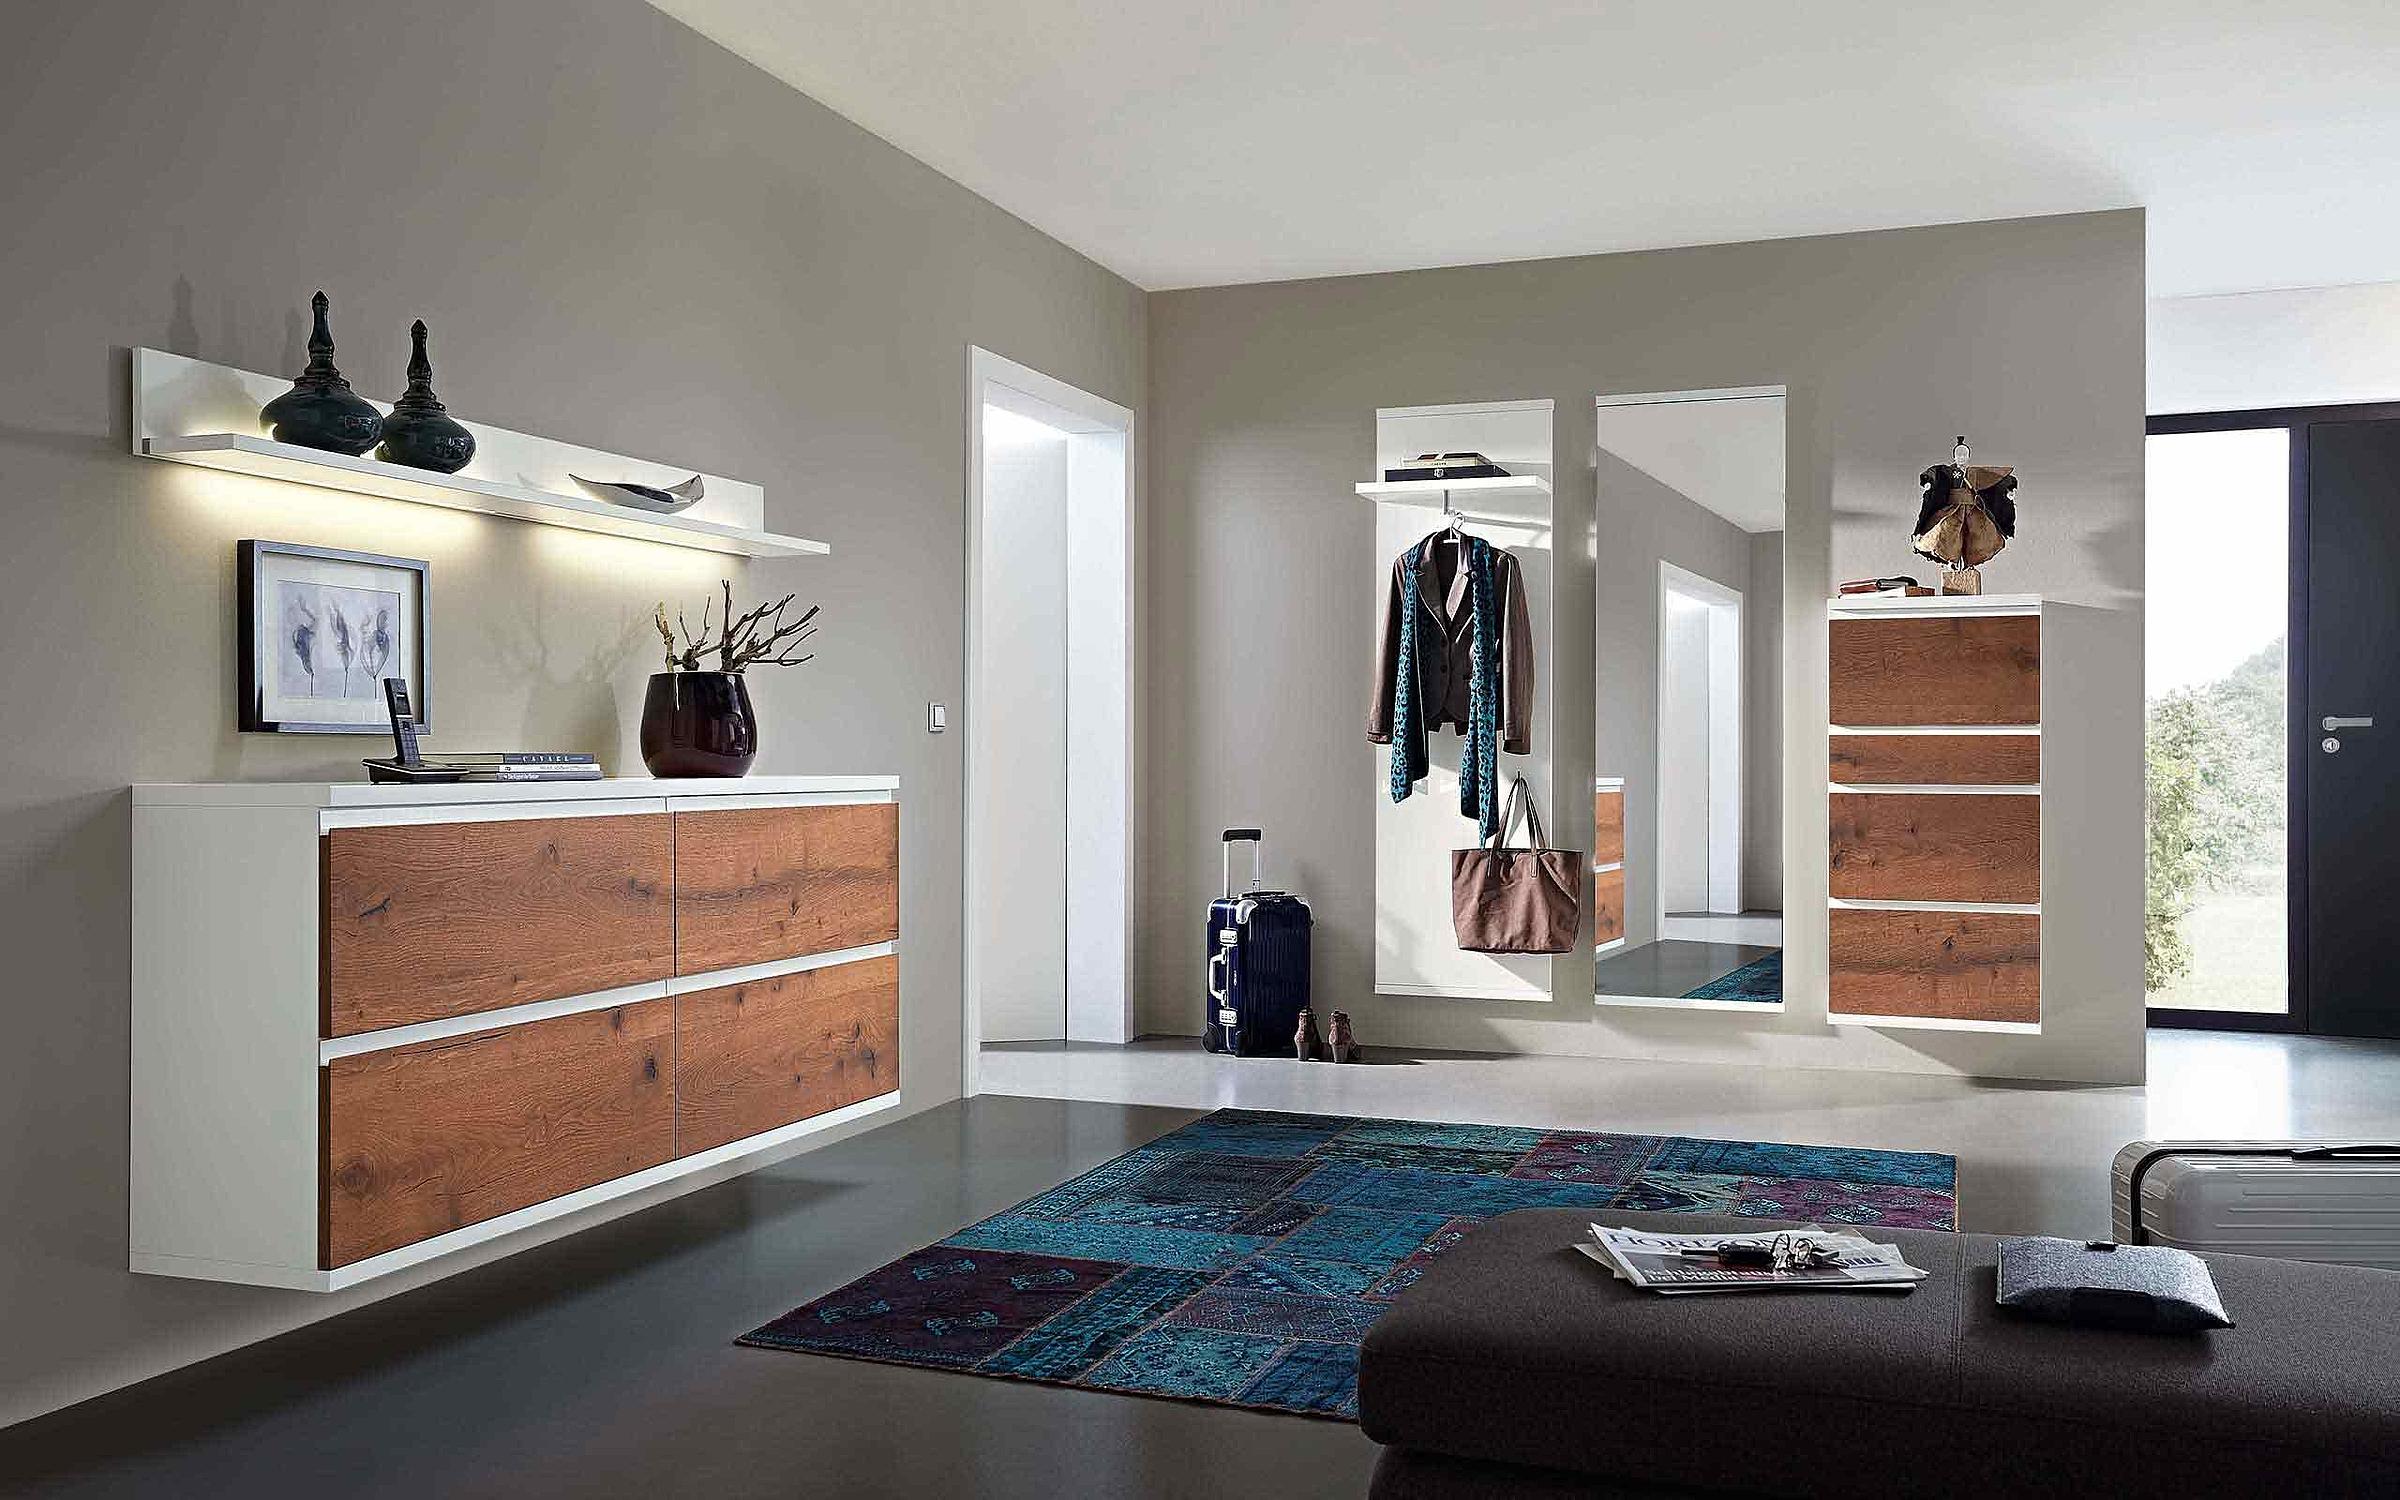 Schuhschrank hängend Wandboard Garderobenpaneel hängend Spiegel Garderobe Enjoy